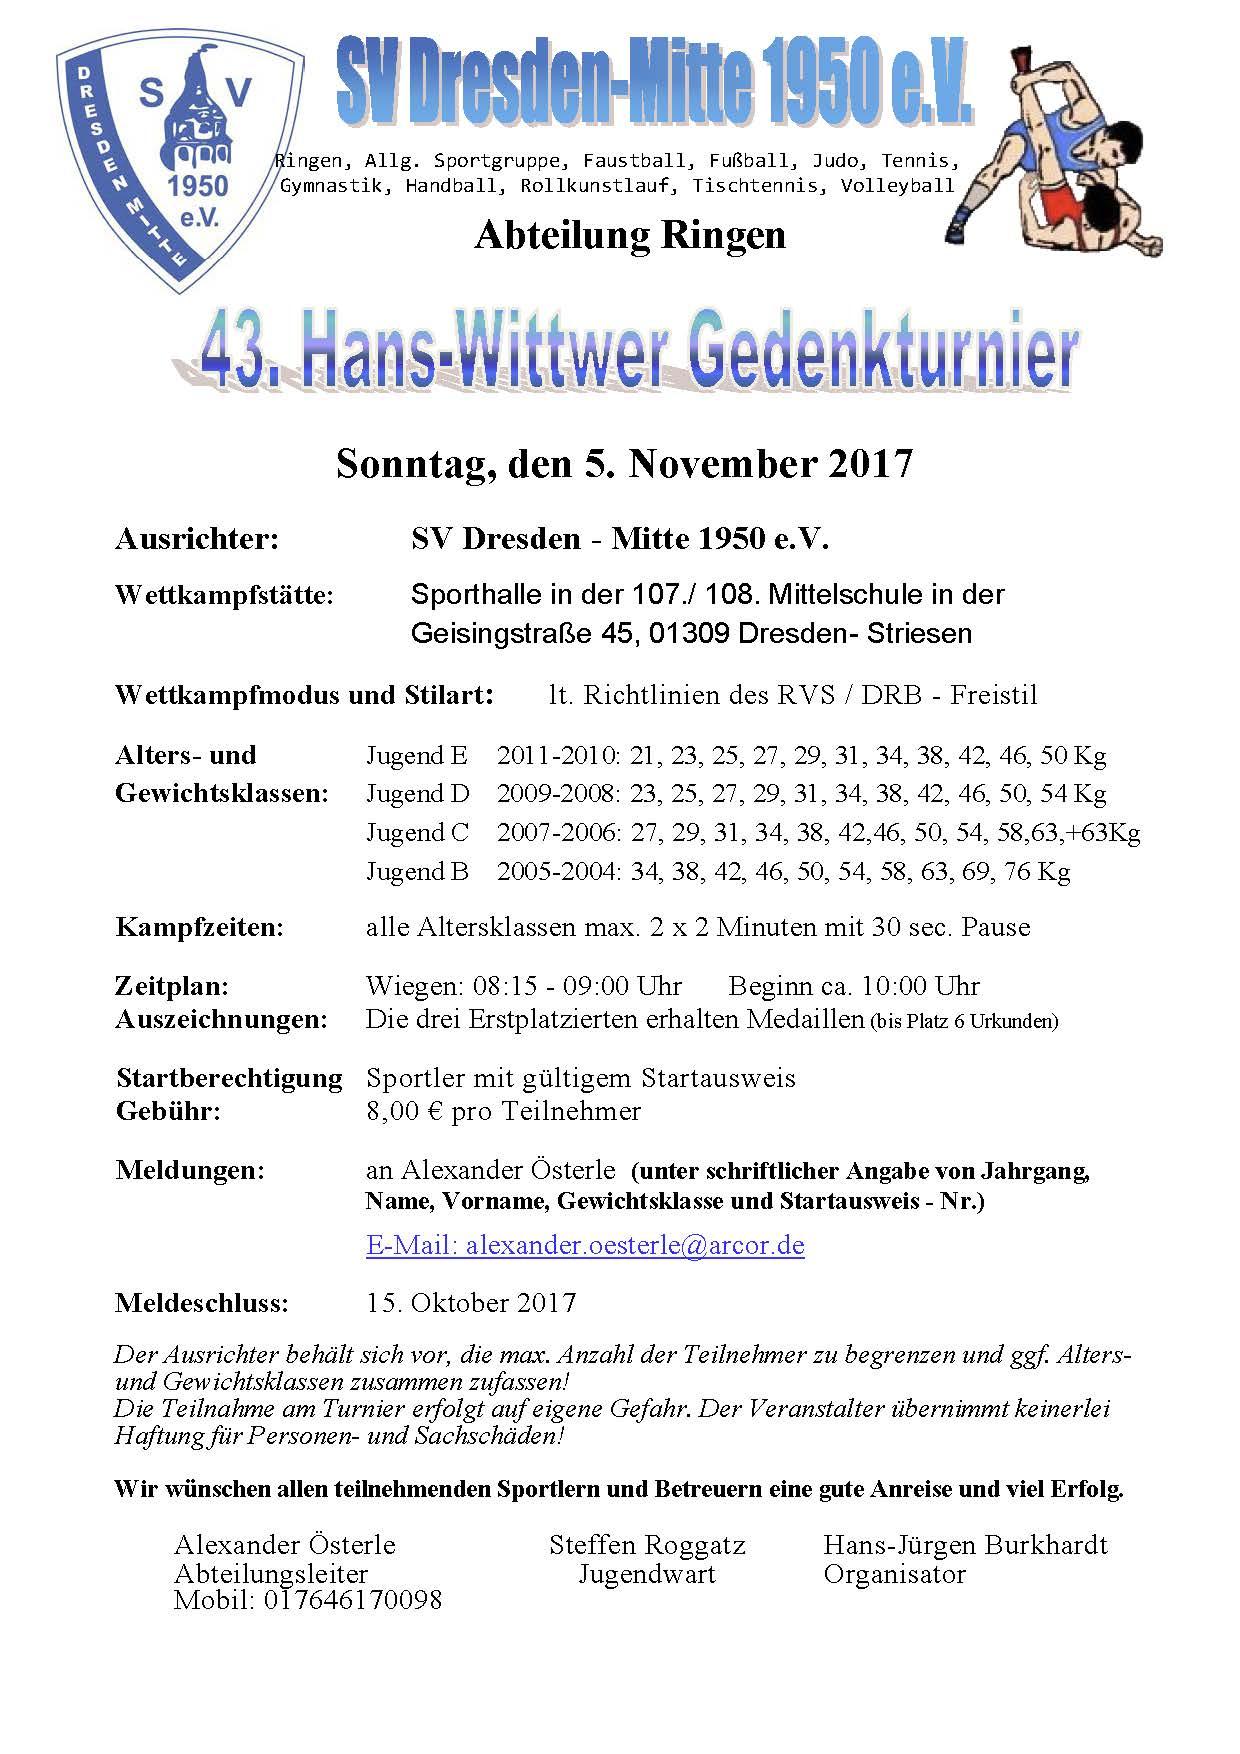 43. Hans-Wittwer-Gedächtnisturnier